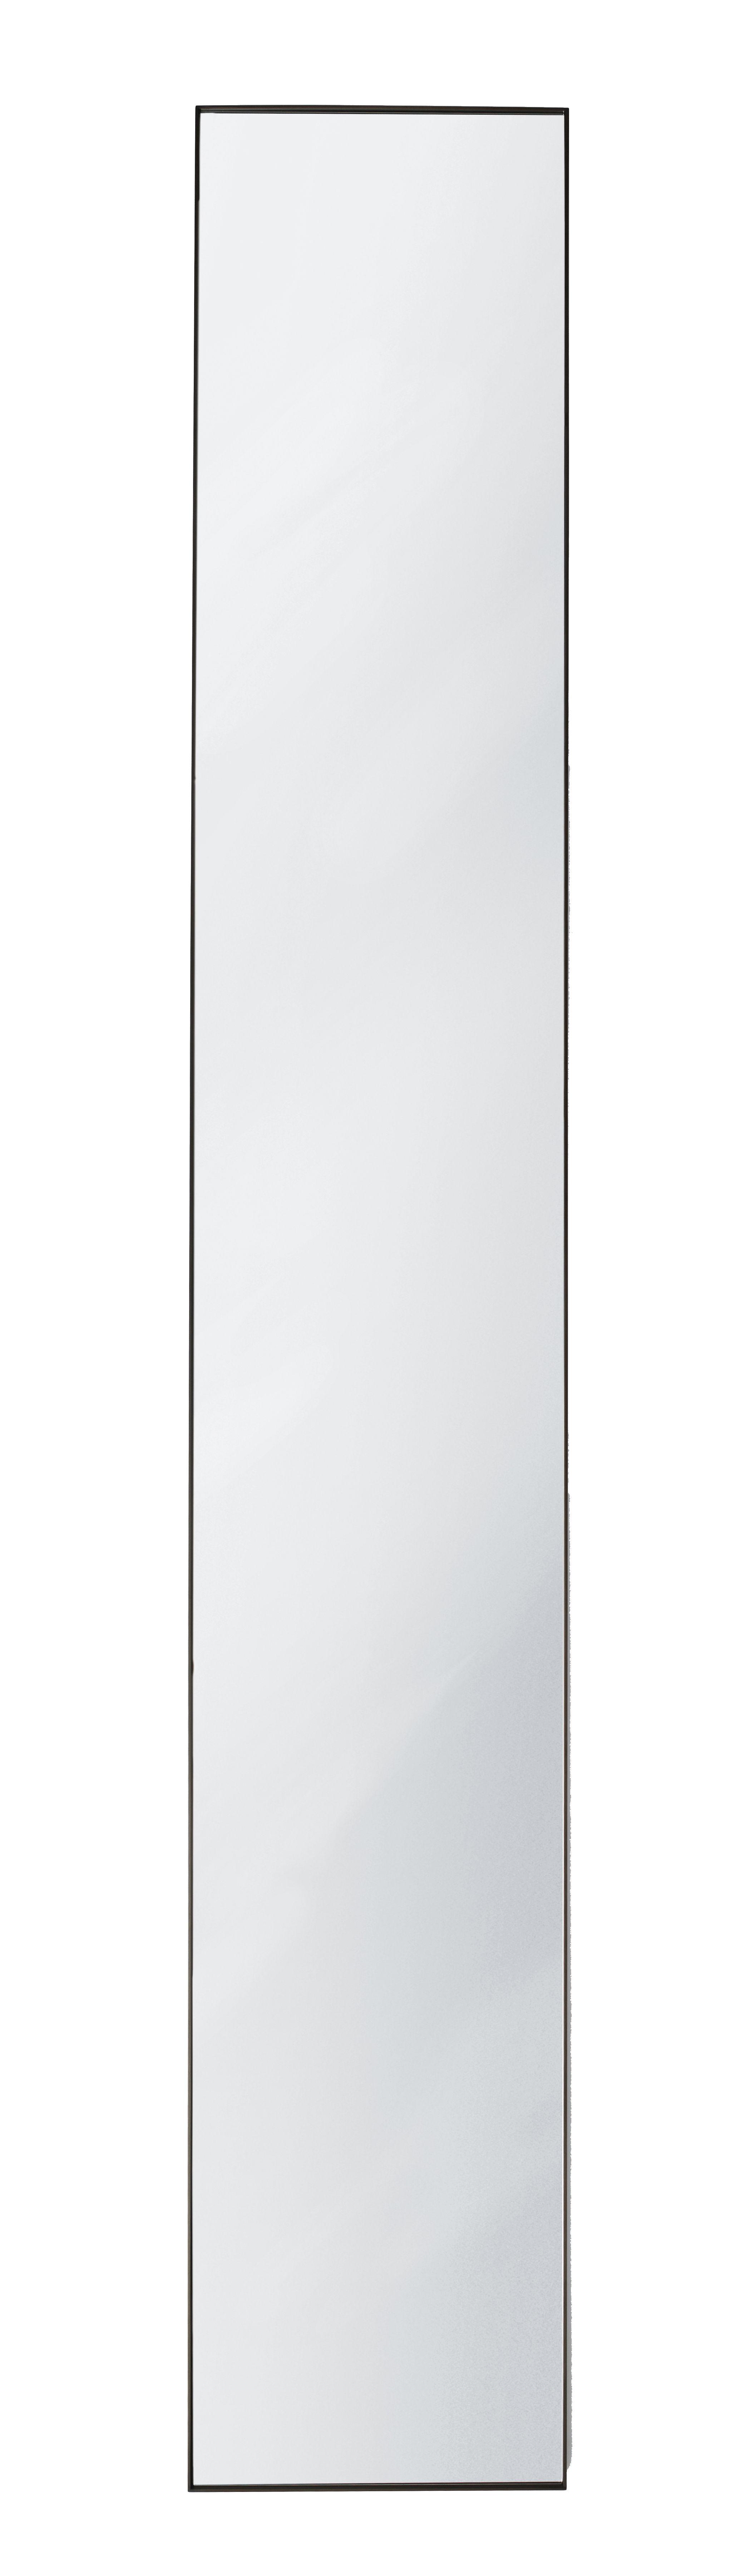 Déco - Miroirs - Miroir mural Amore SC22 / 190 x 30 cm - &tradition - Bronze / L 30 cm - Laiton, Verre